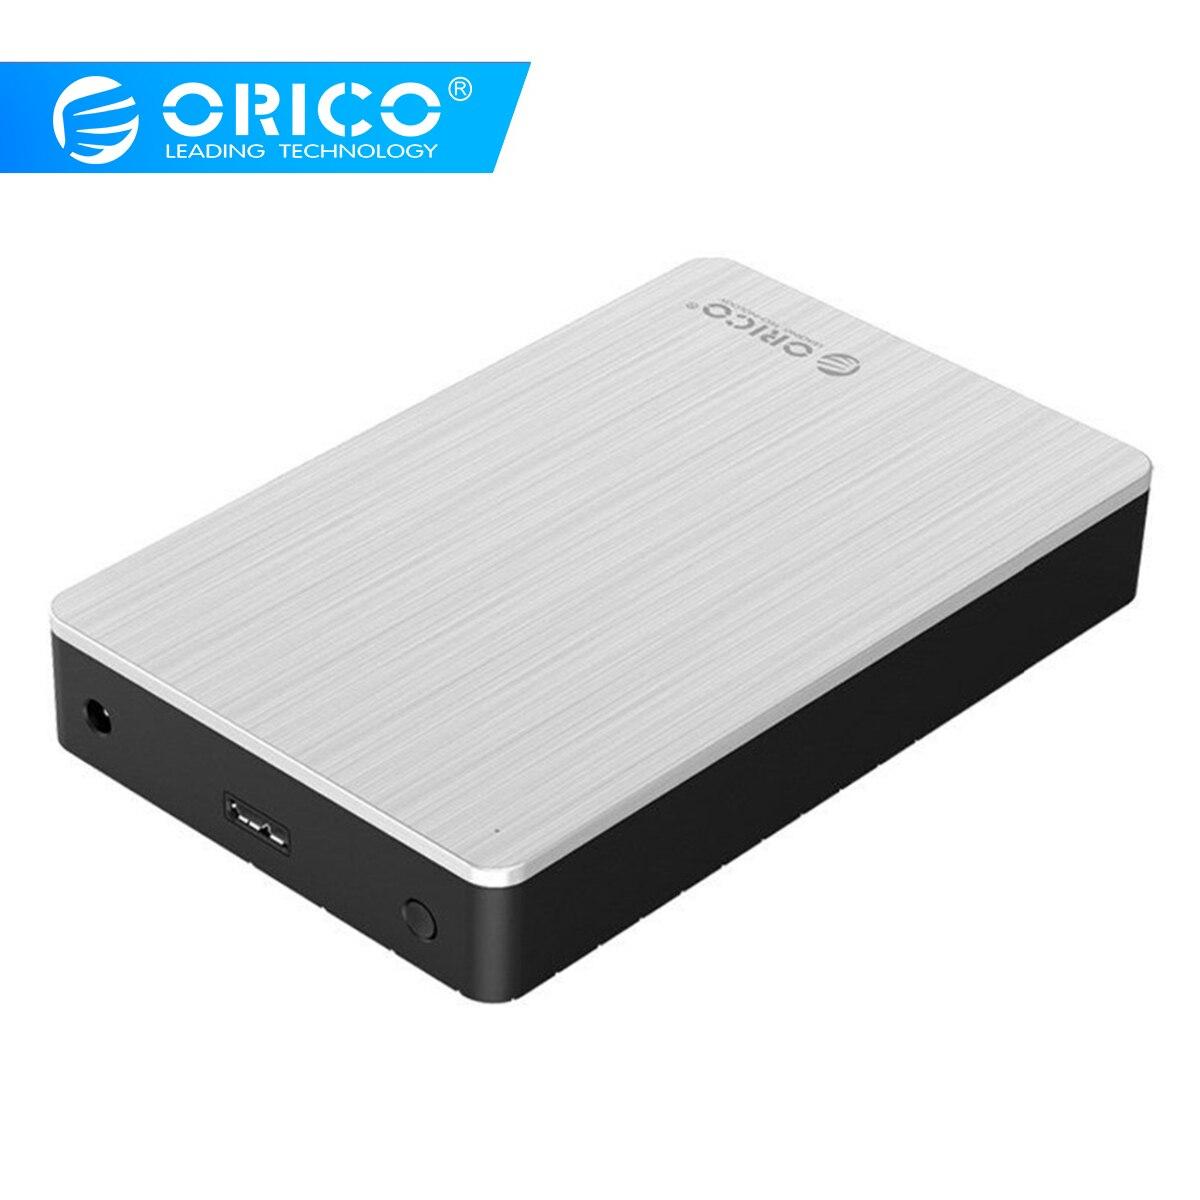 ORICO Aluminum 3.5